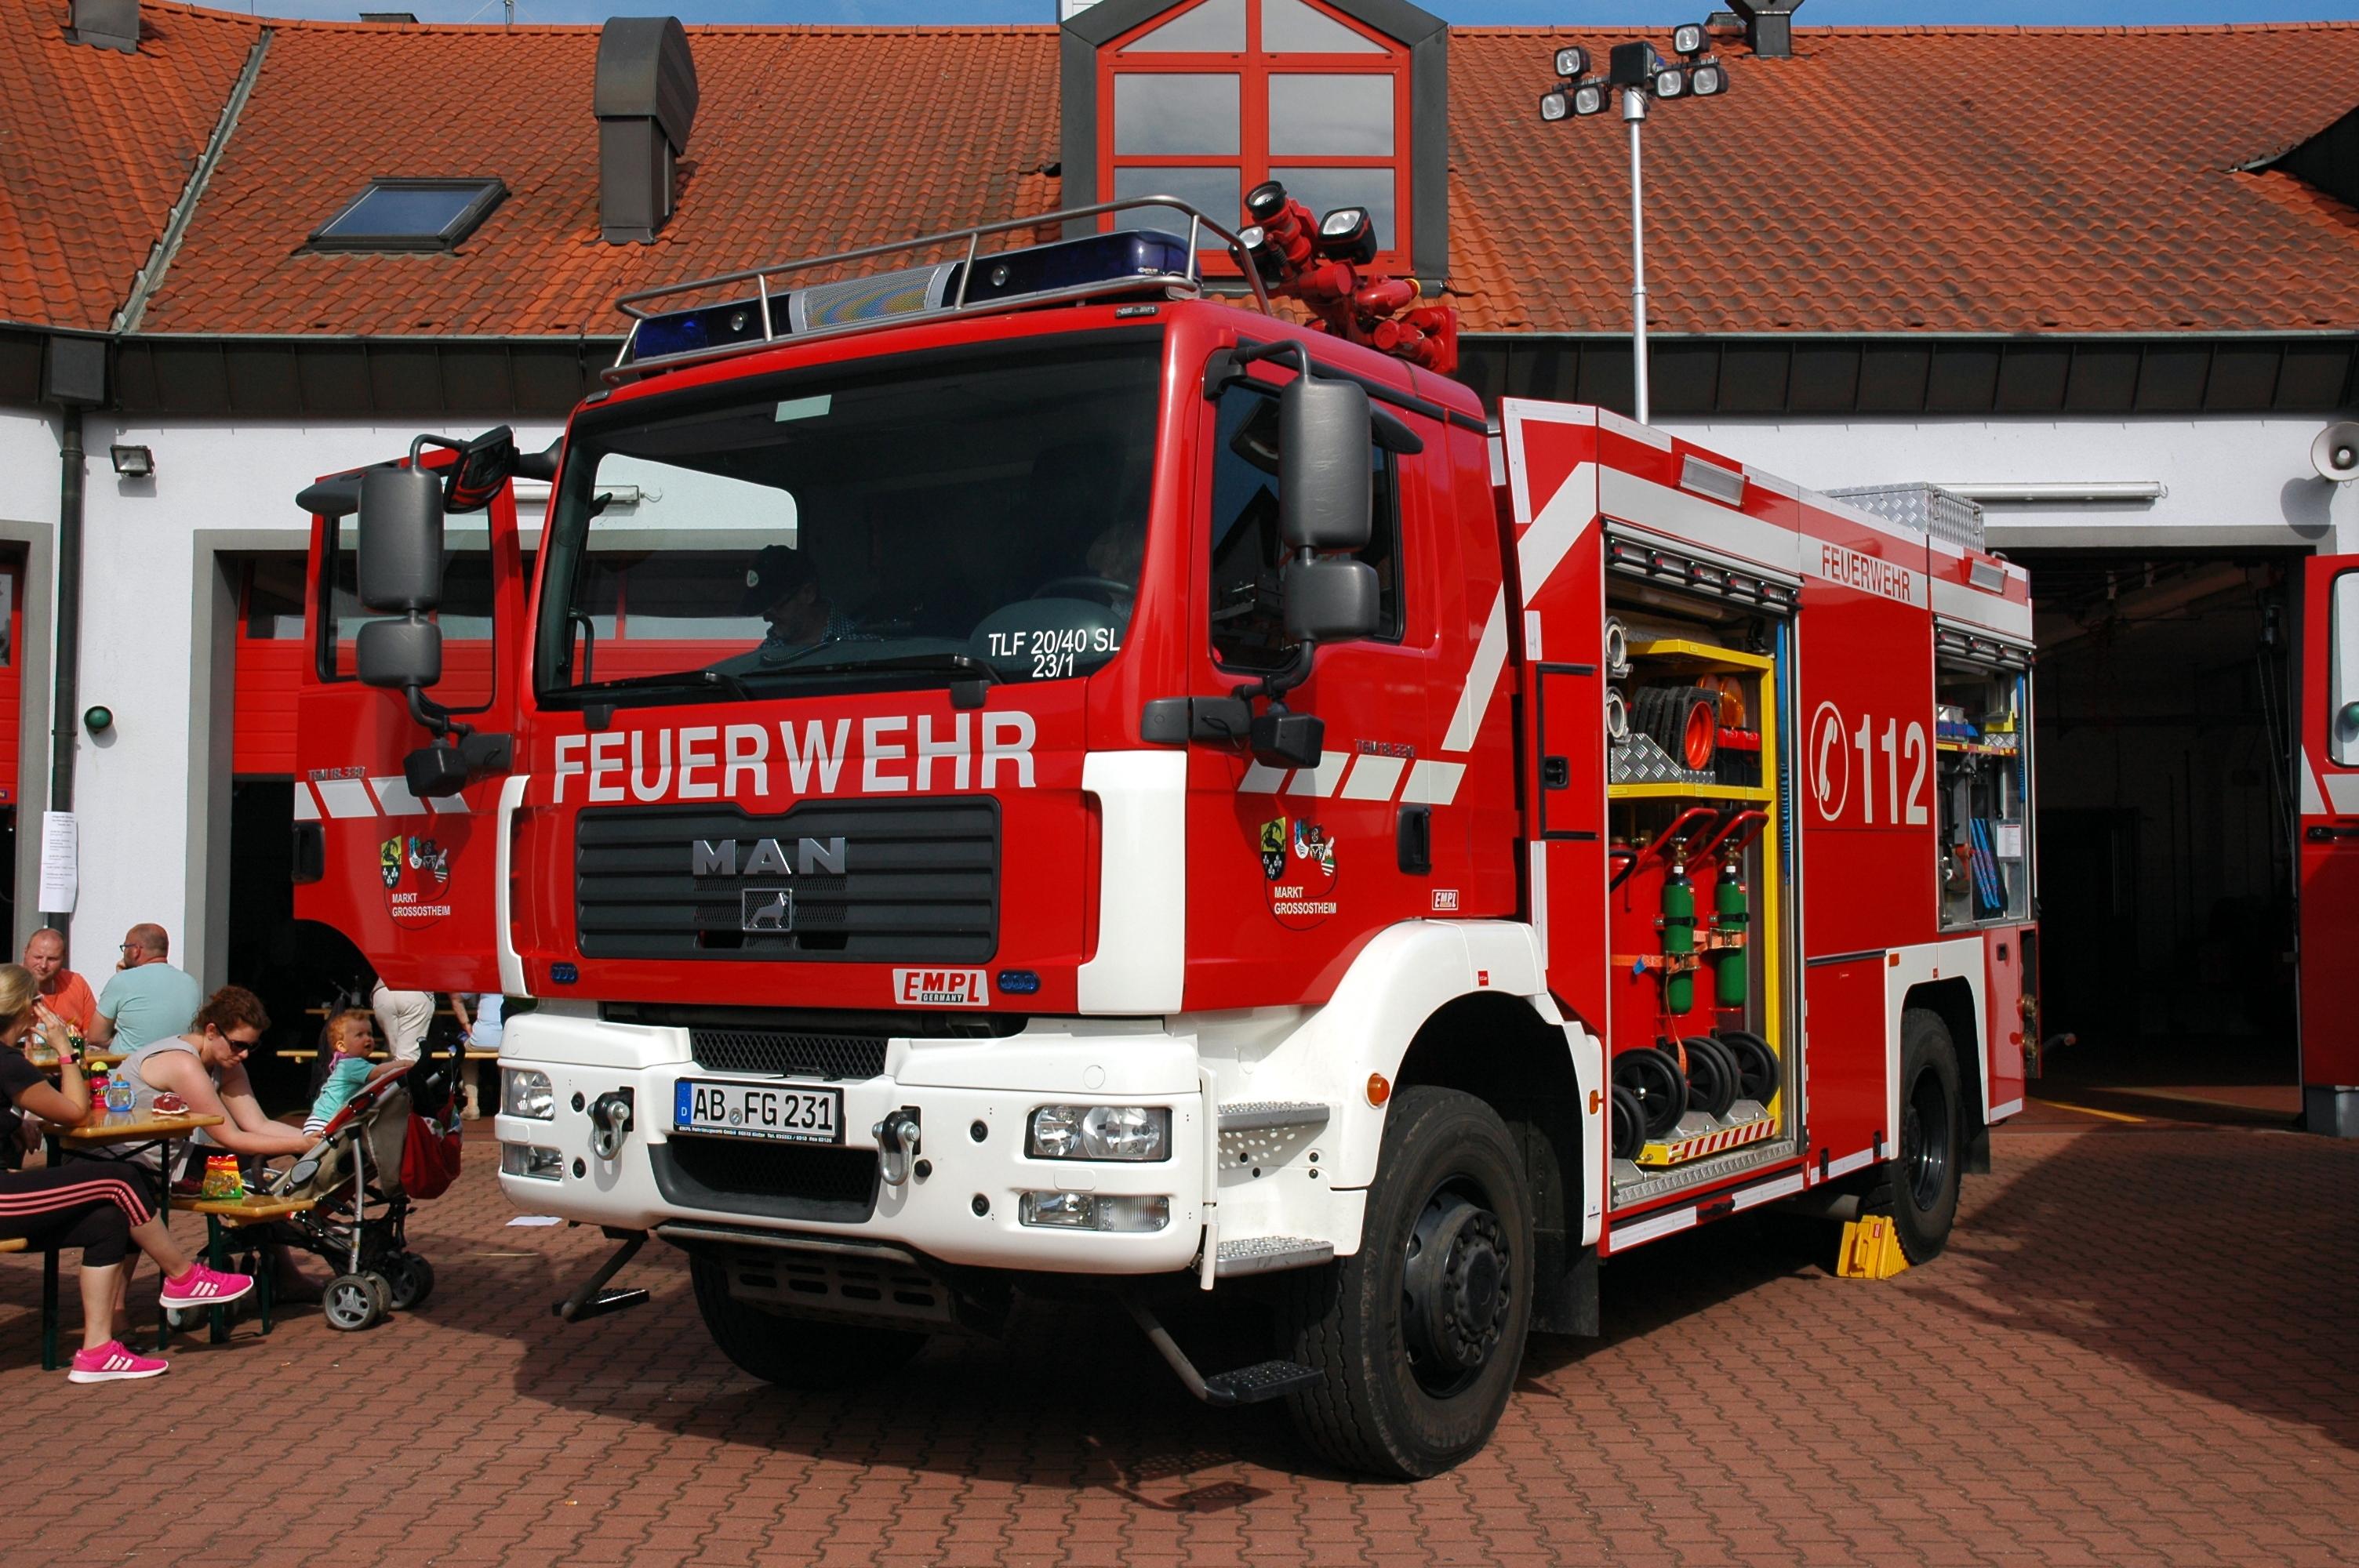 Filegroßostheim Feuerwehr Man Tgm 18 330 Empl Ab Fg 231